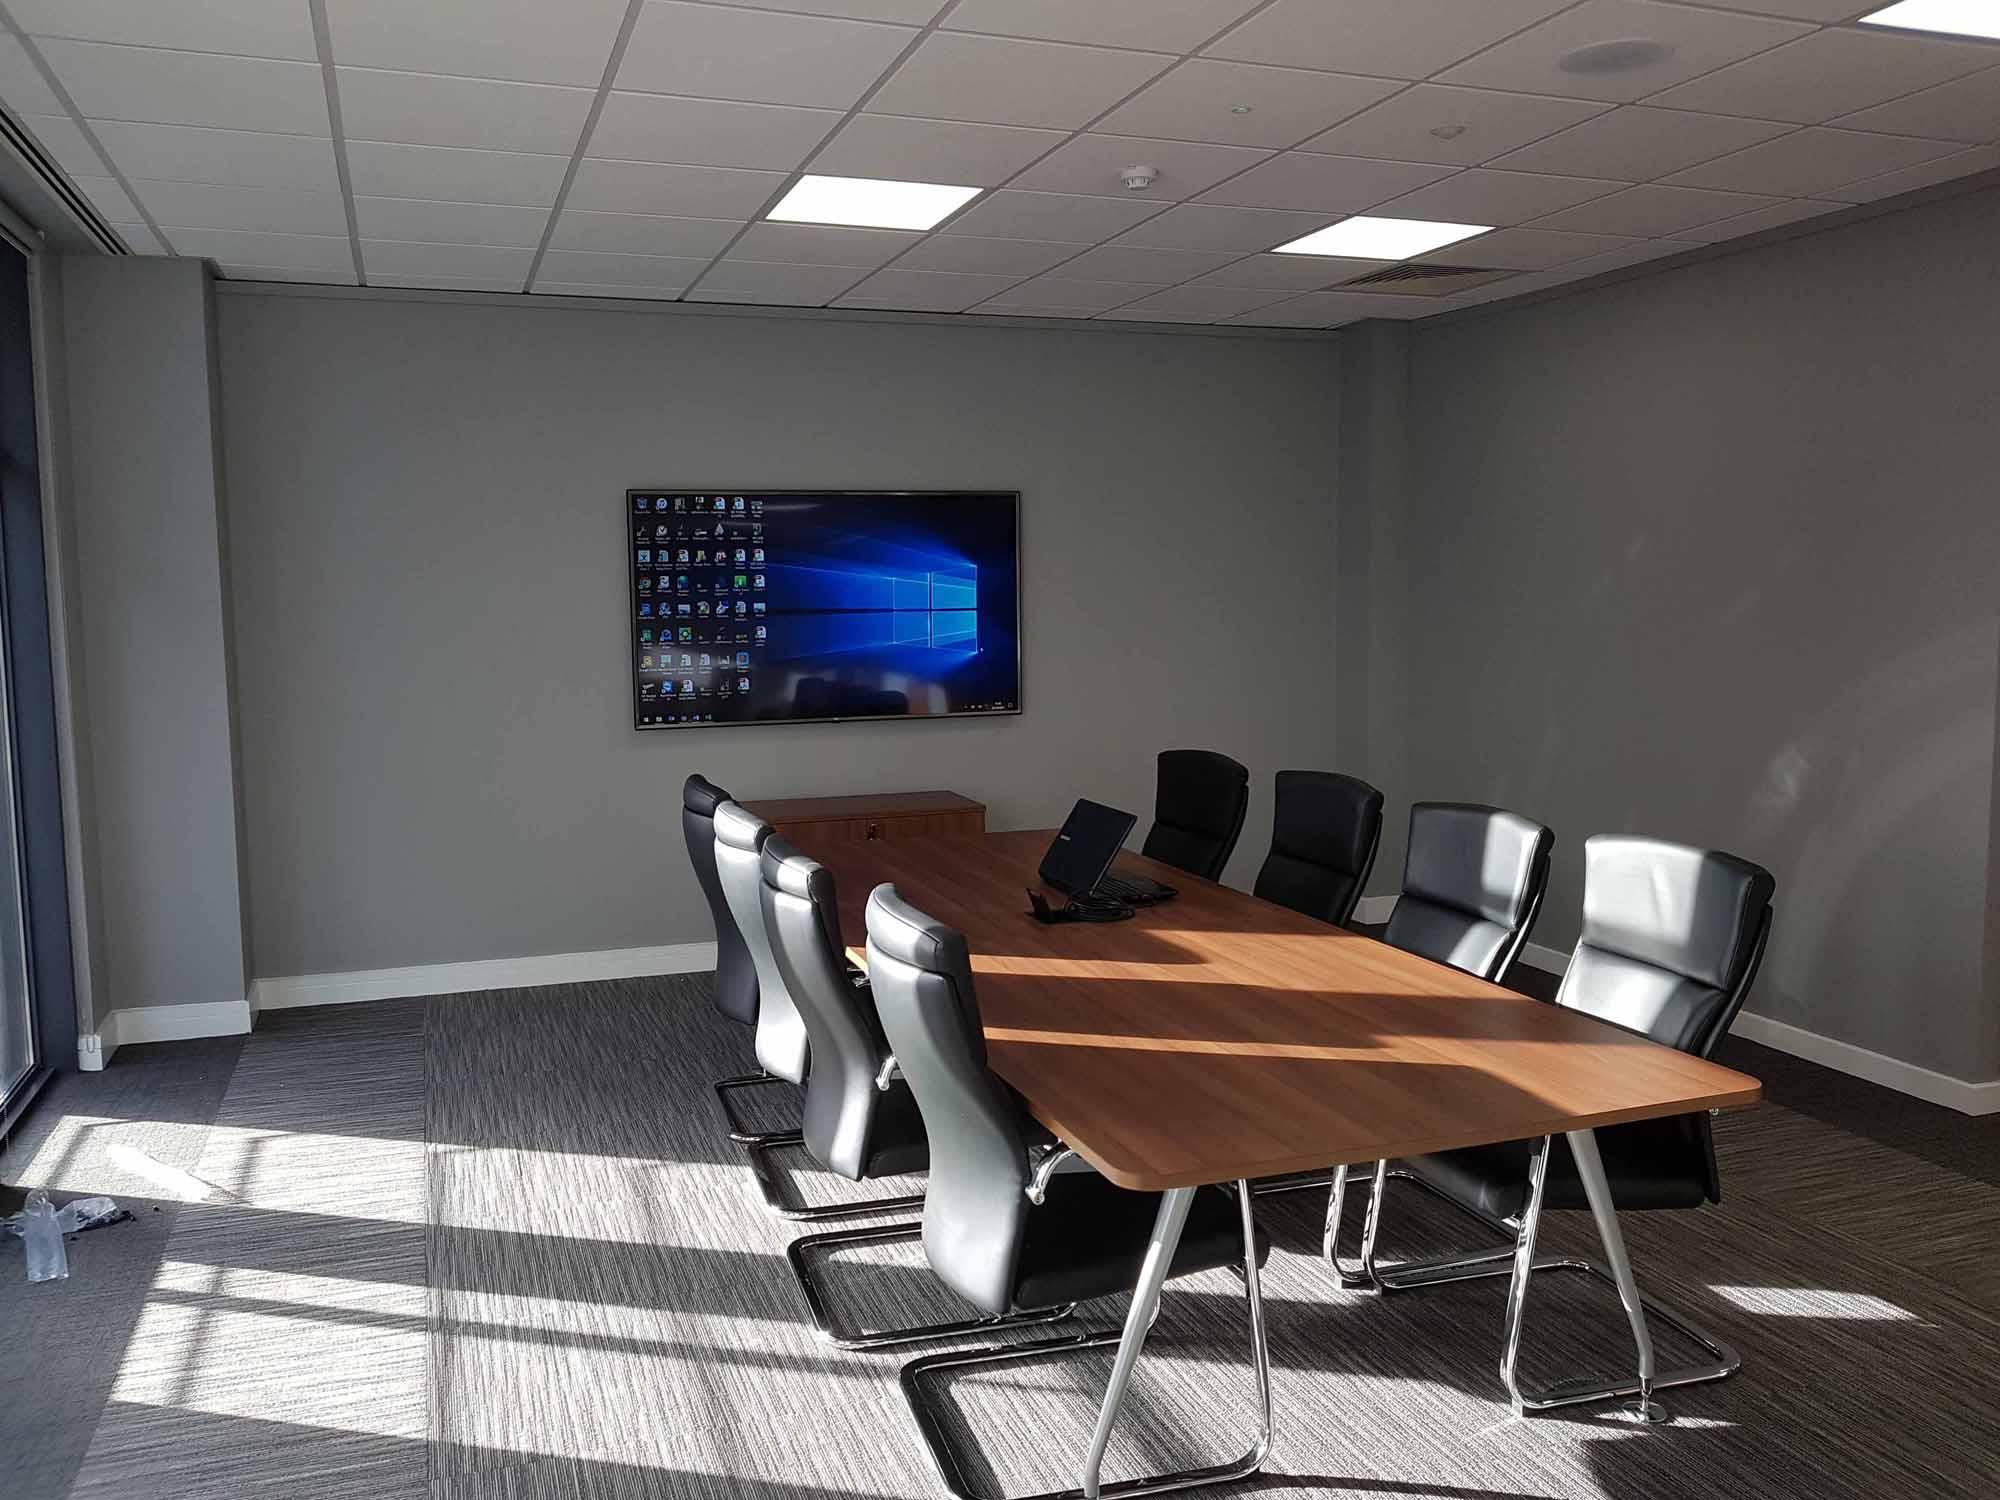 Boardroom AV Solutions